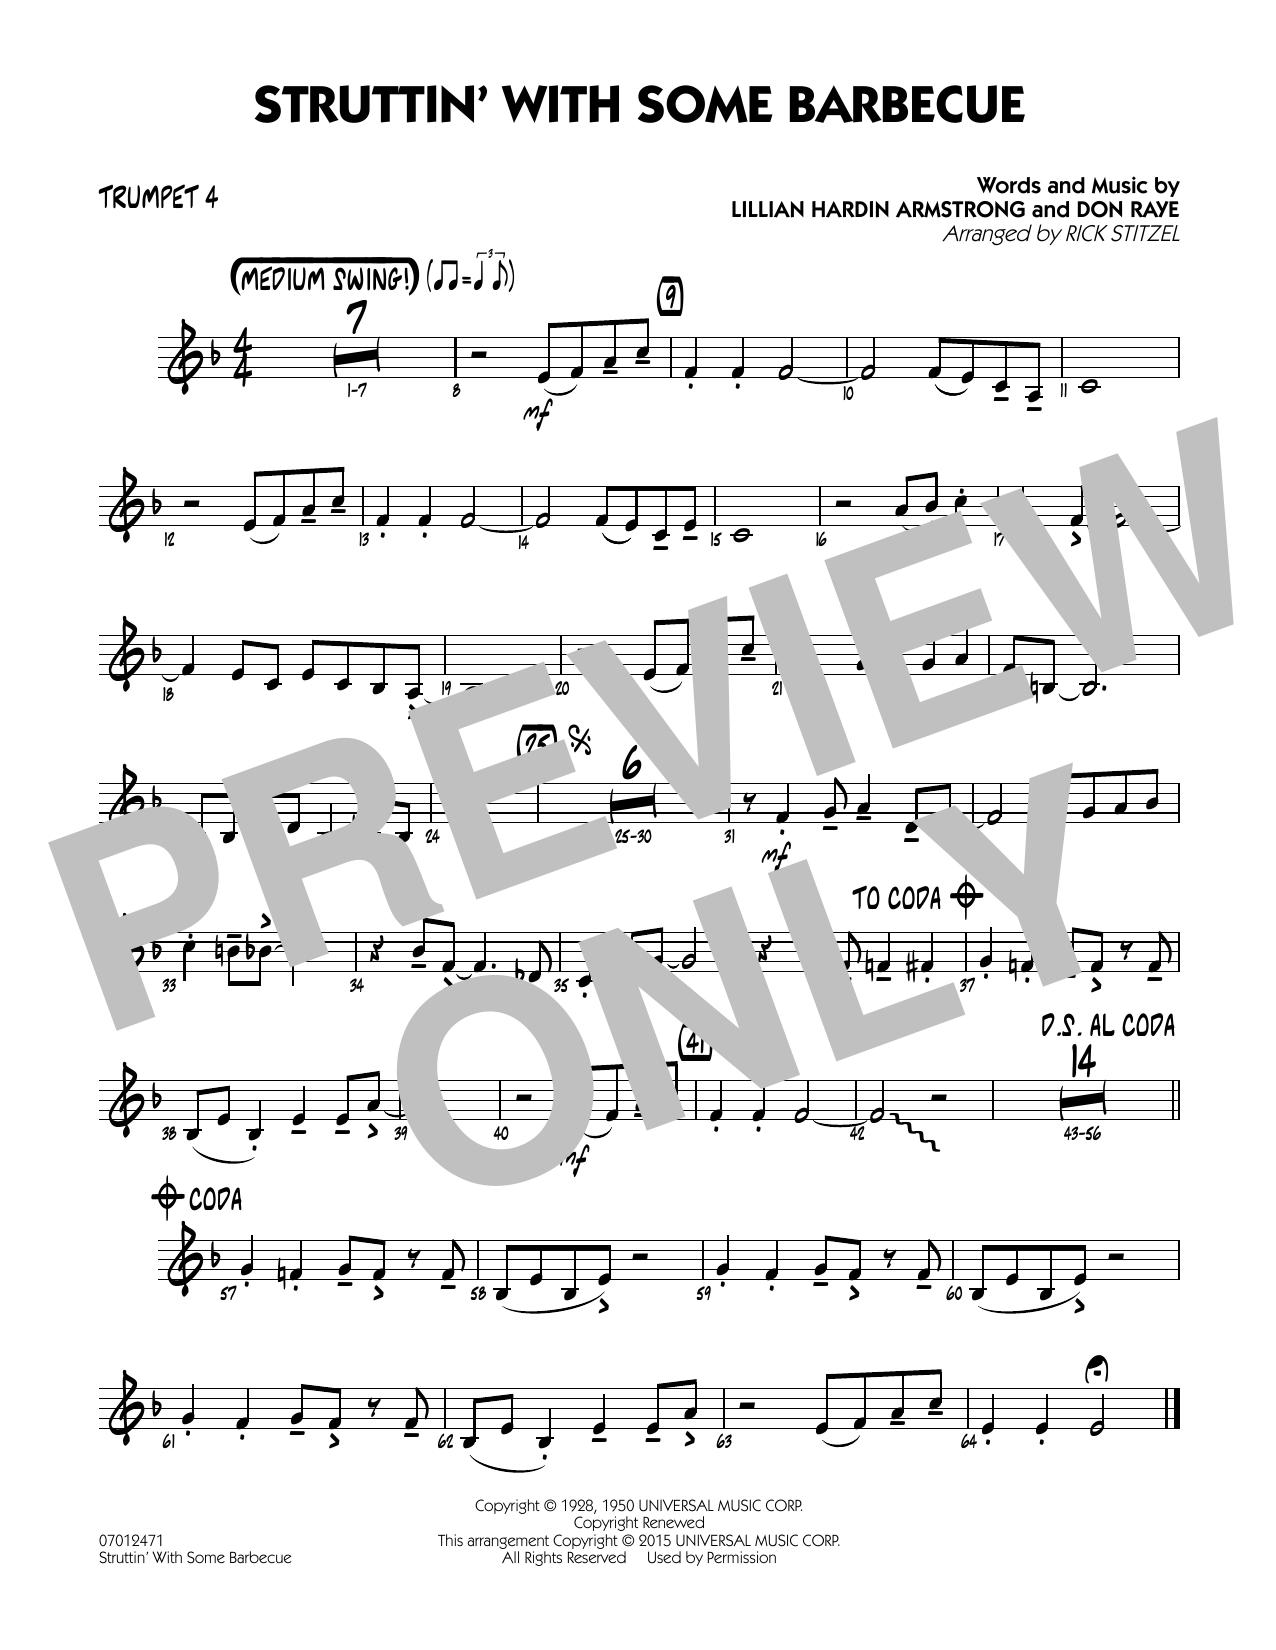 Struttin' with Some Barbecue - Trumpet 4 (Jazz Ensemble)